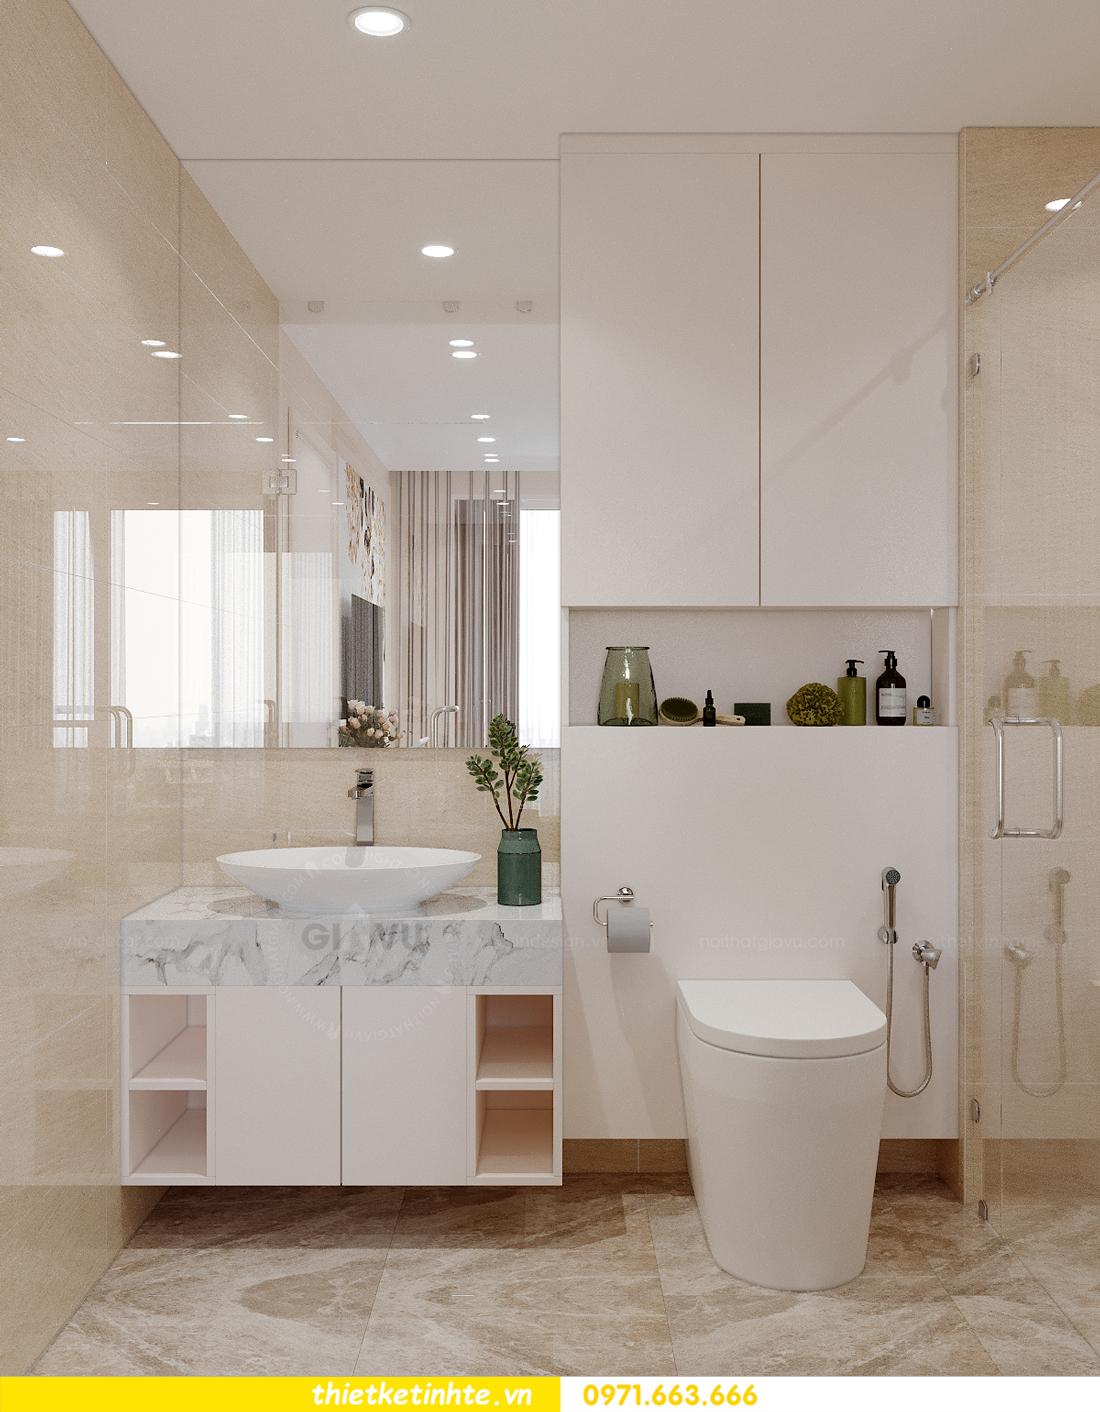 mẫu thiết kế nội thất căn hộ Smart City sang trọng, tiện nghi 10